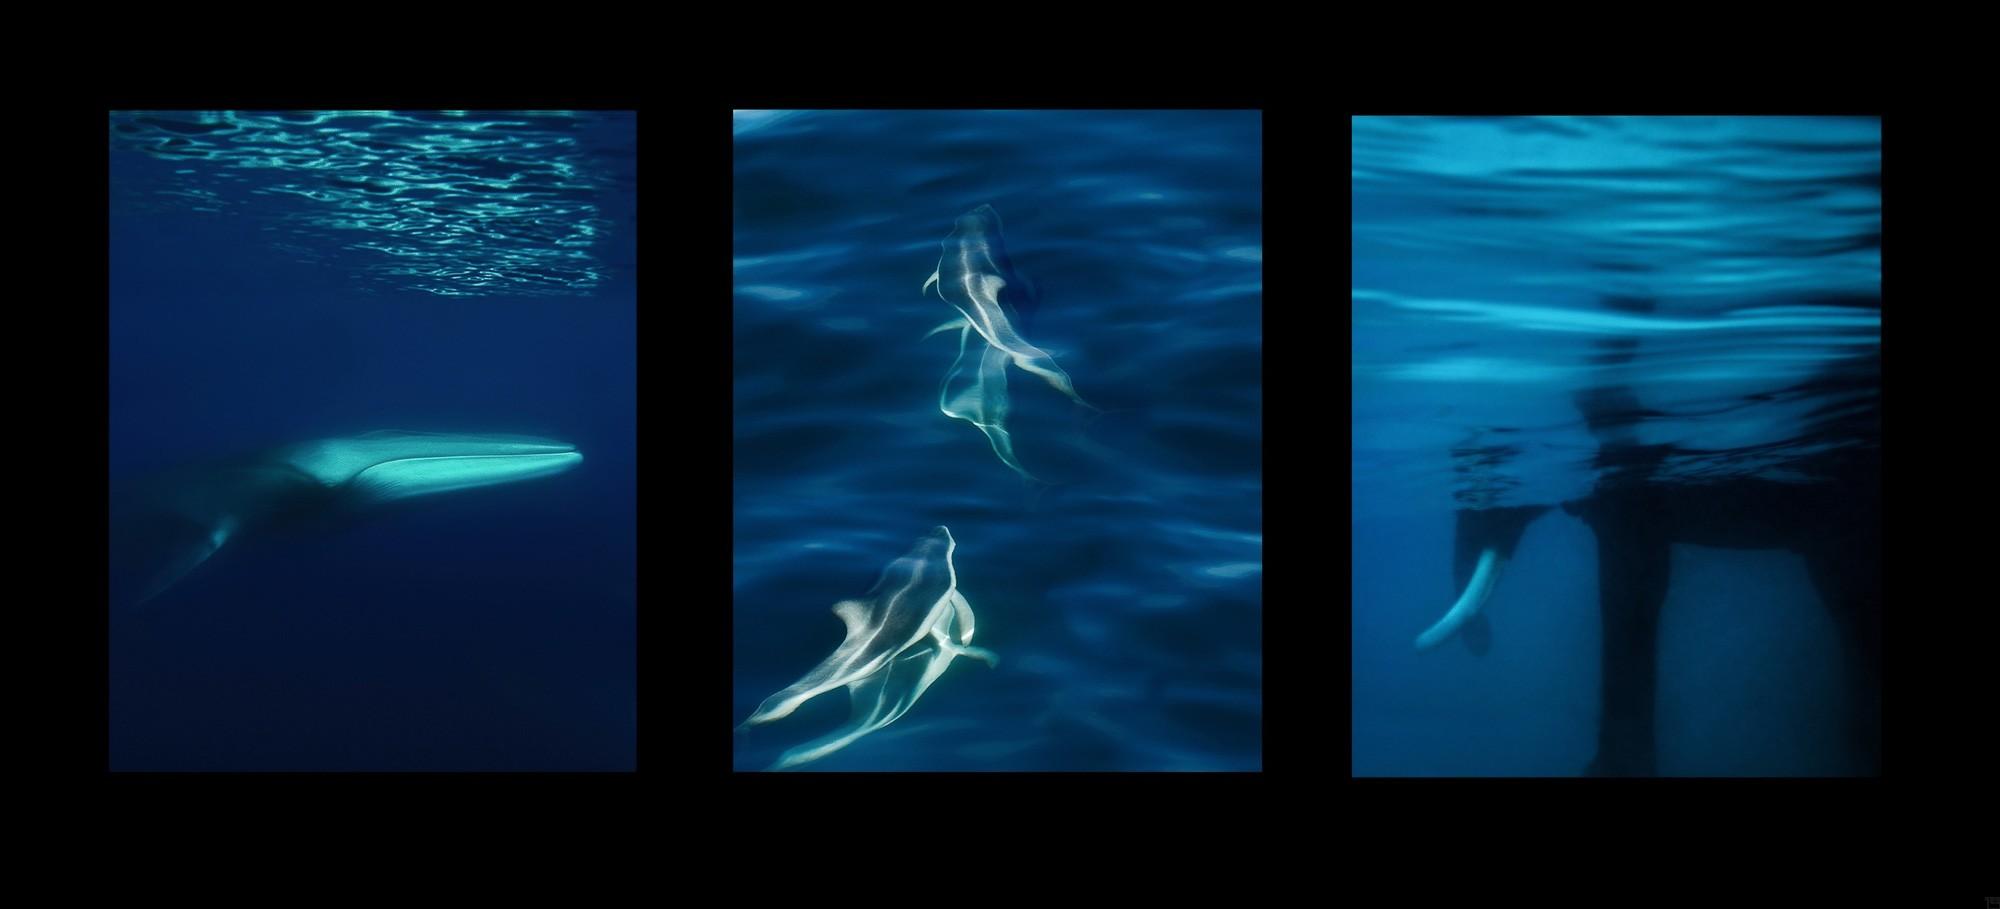 Oceans 1 - 3 | Fotografiecollage von Finkbeiner & Salm, Direktdruck auf Alu-Dibond, limitierte Edition 50+2 - 02